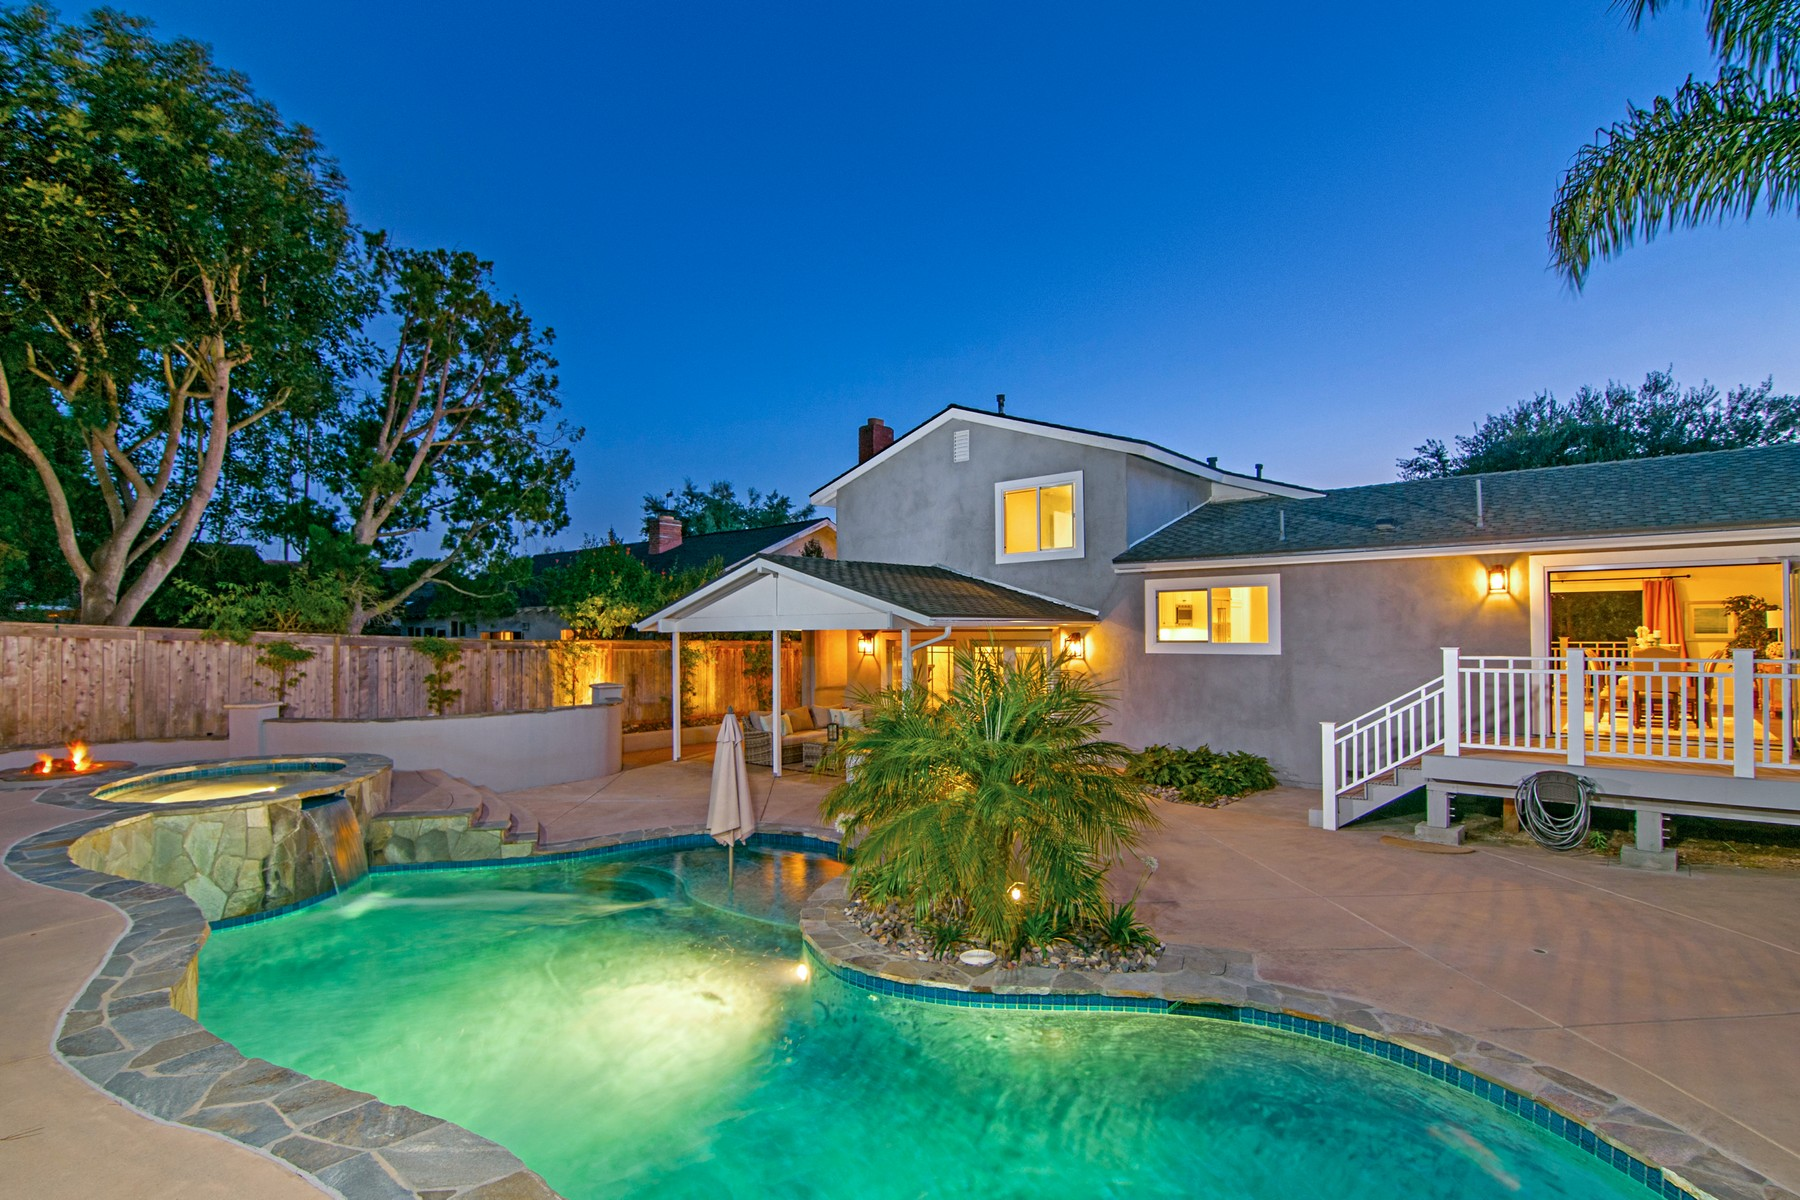 Casa Unifamiliar por un Venta en 14105 Recuerdo Drive Del Mar, California, 92014 Estados Unidos